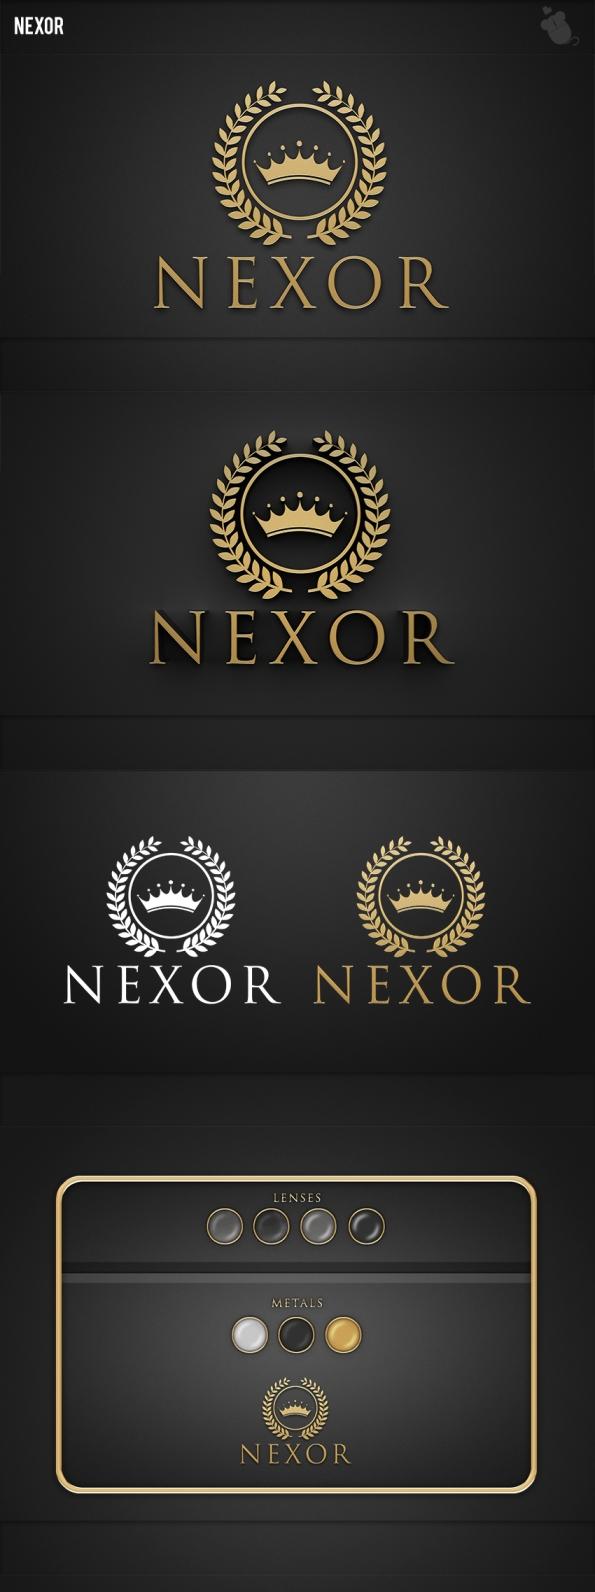 nexor-preview